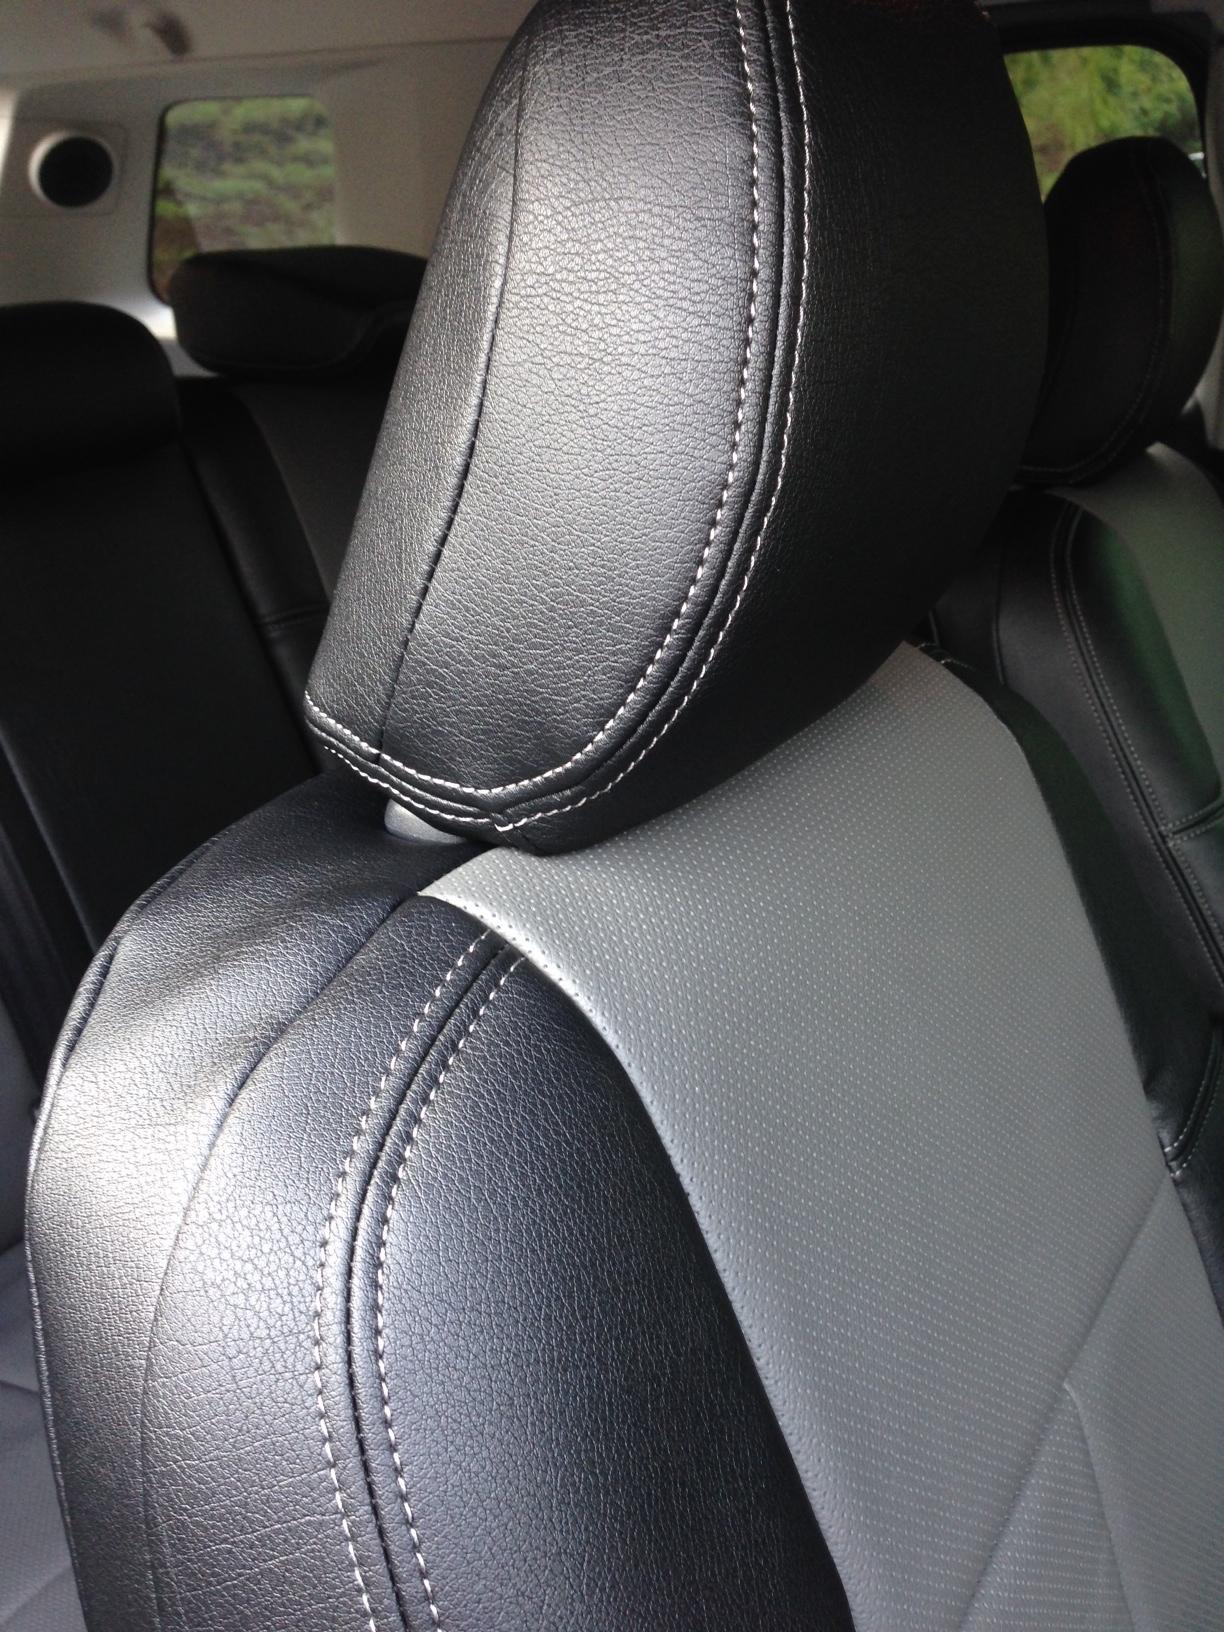 Clazzio Seat Cover Installed Toyota Fj Cruiser Forum